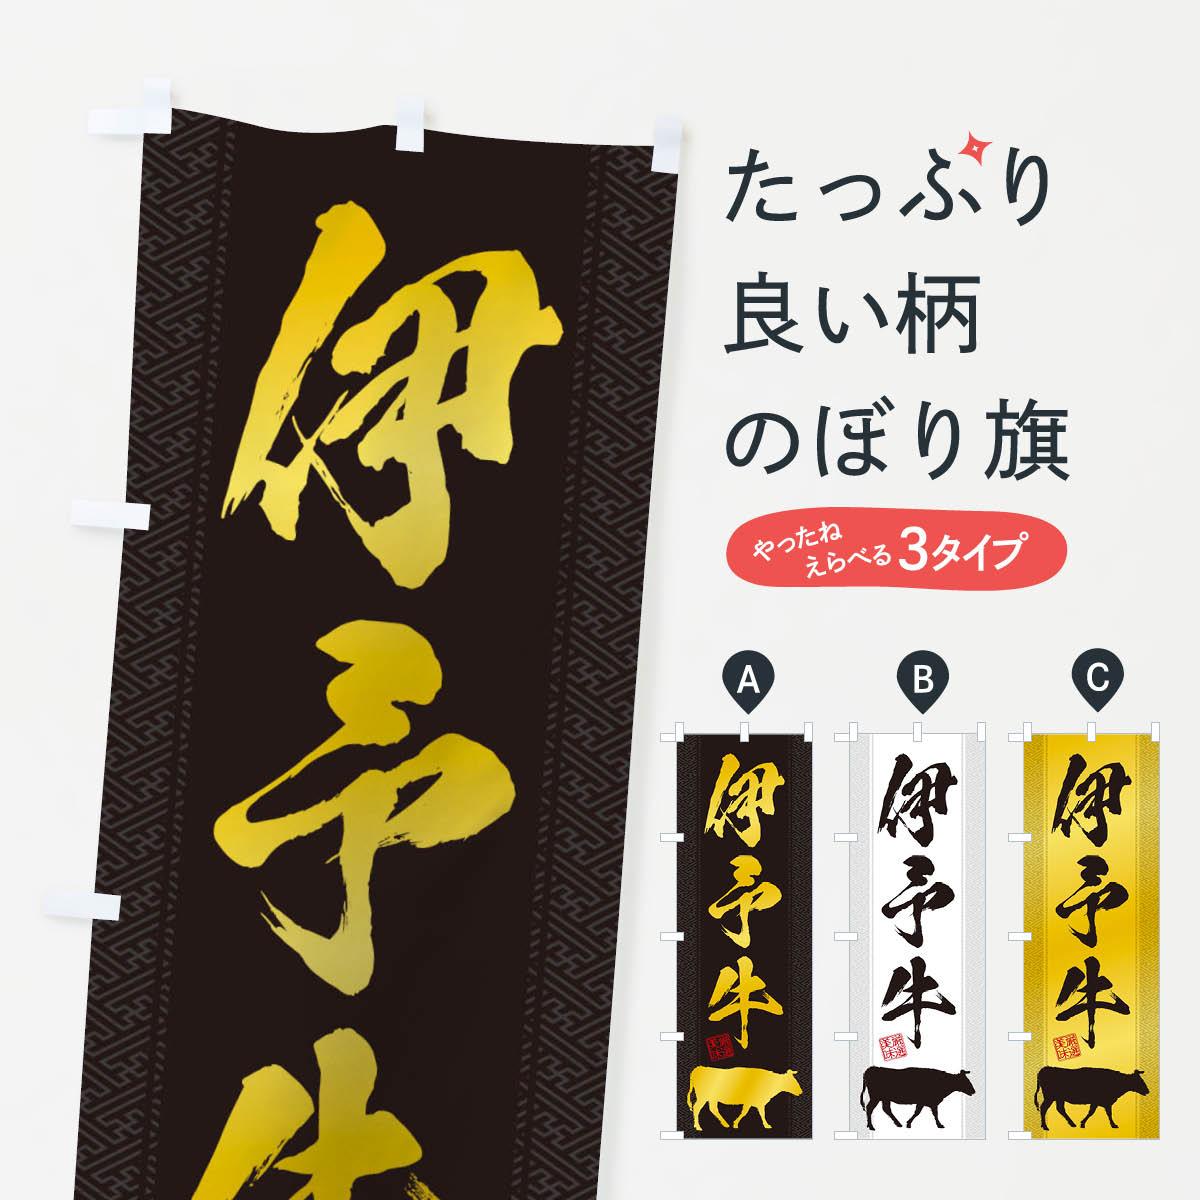 のぼり 日本正規代理店品 横幕 伊予牛 低価格に対して高品質とデザイン性で選ばれてます 各サイズや仕様にも対応 のぼり旗 日本製 伊予牛のぼり 1A68 ネコポス送料360 ブランド肉